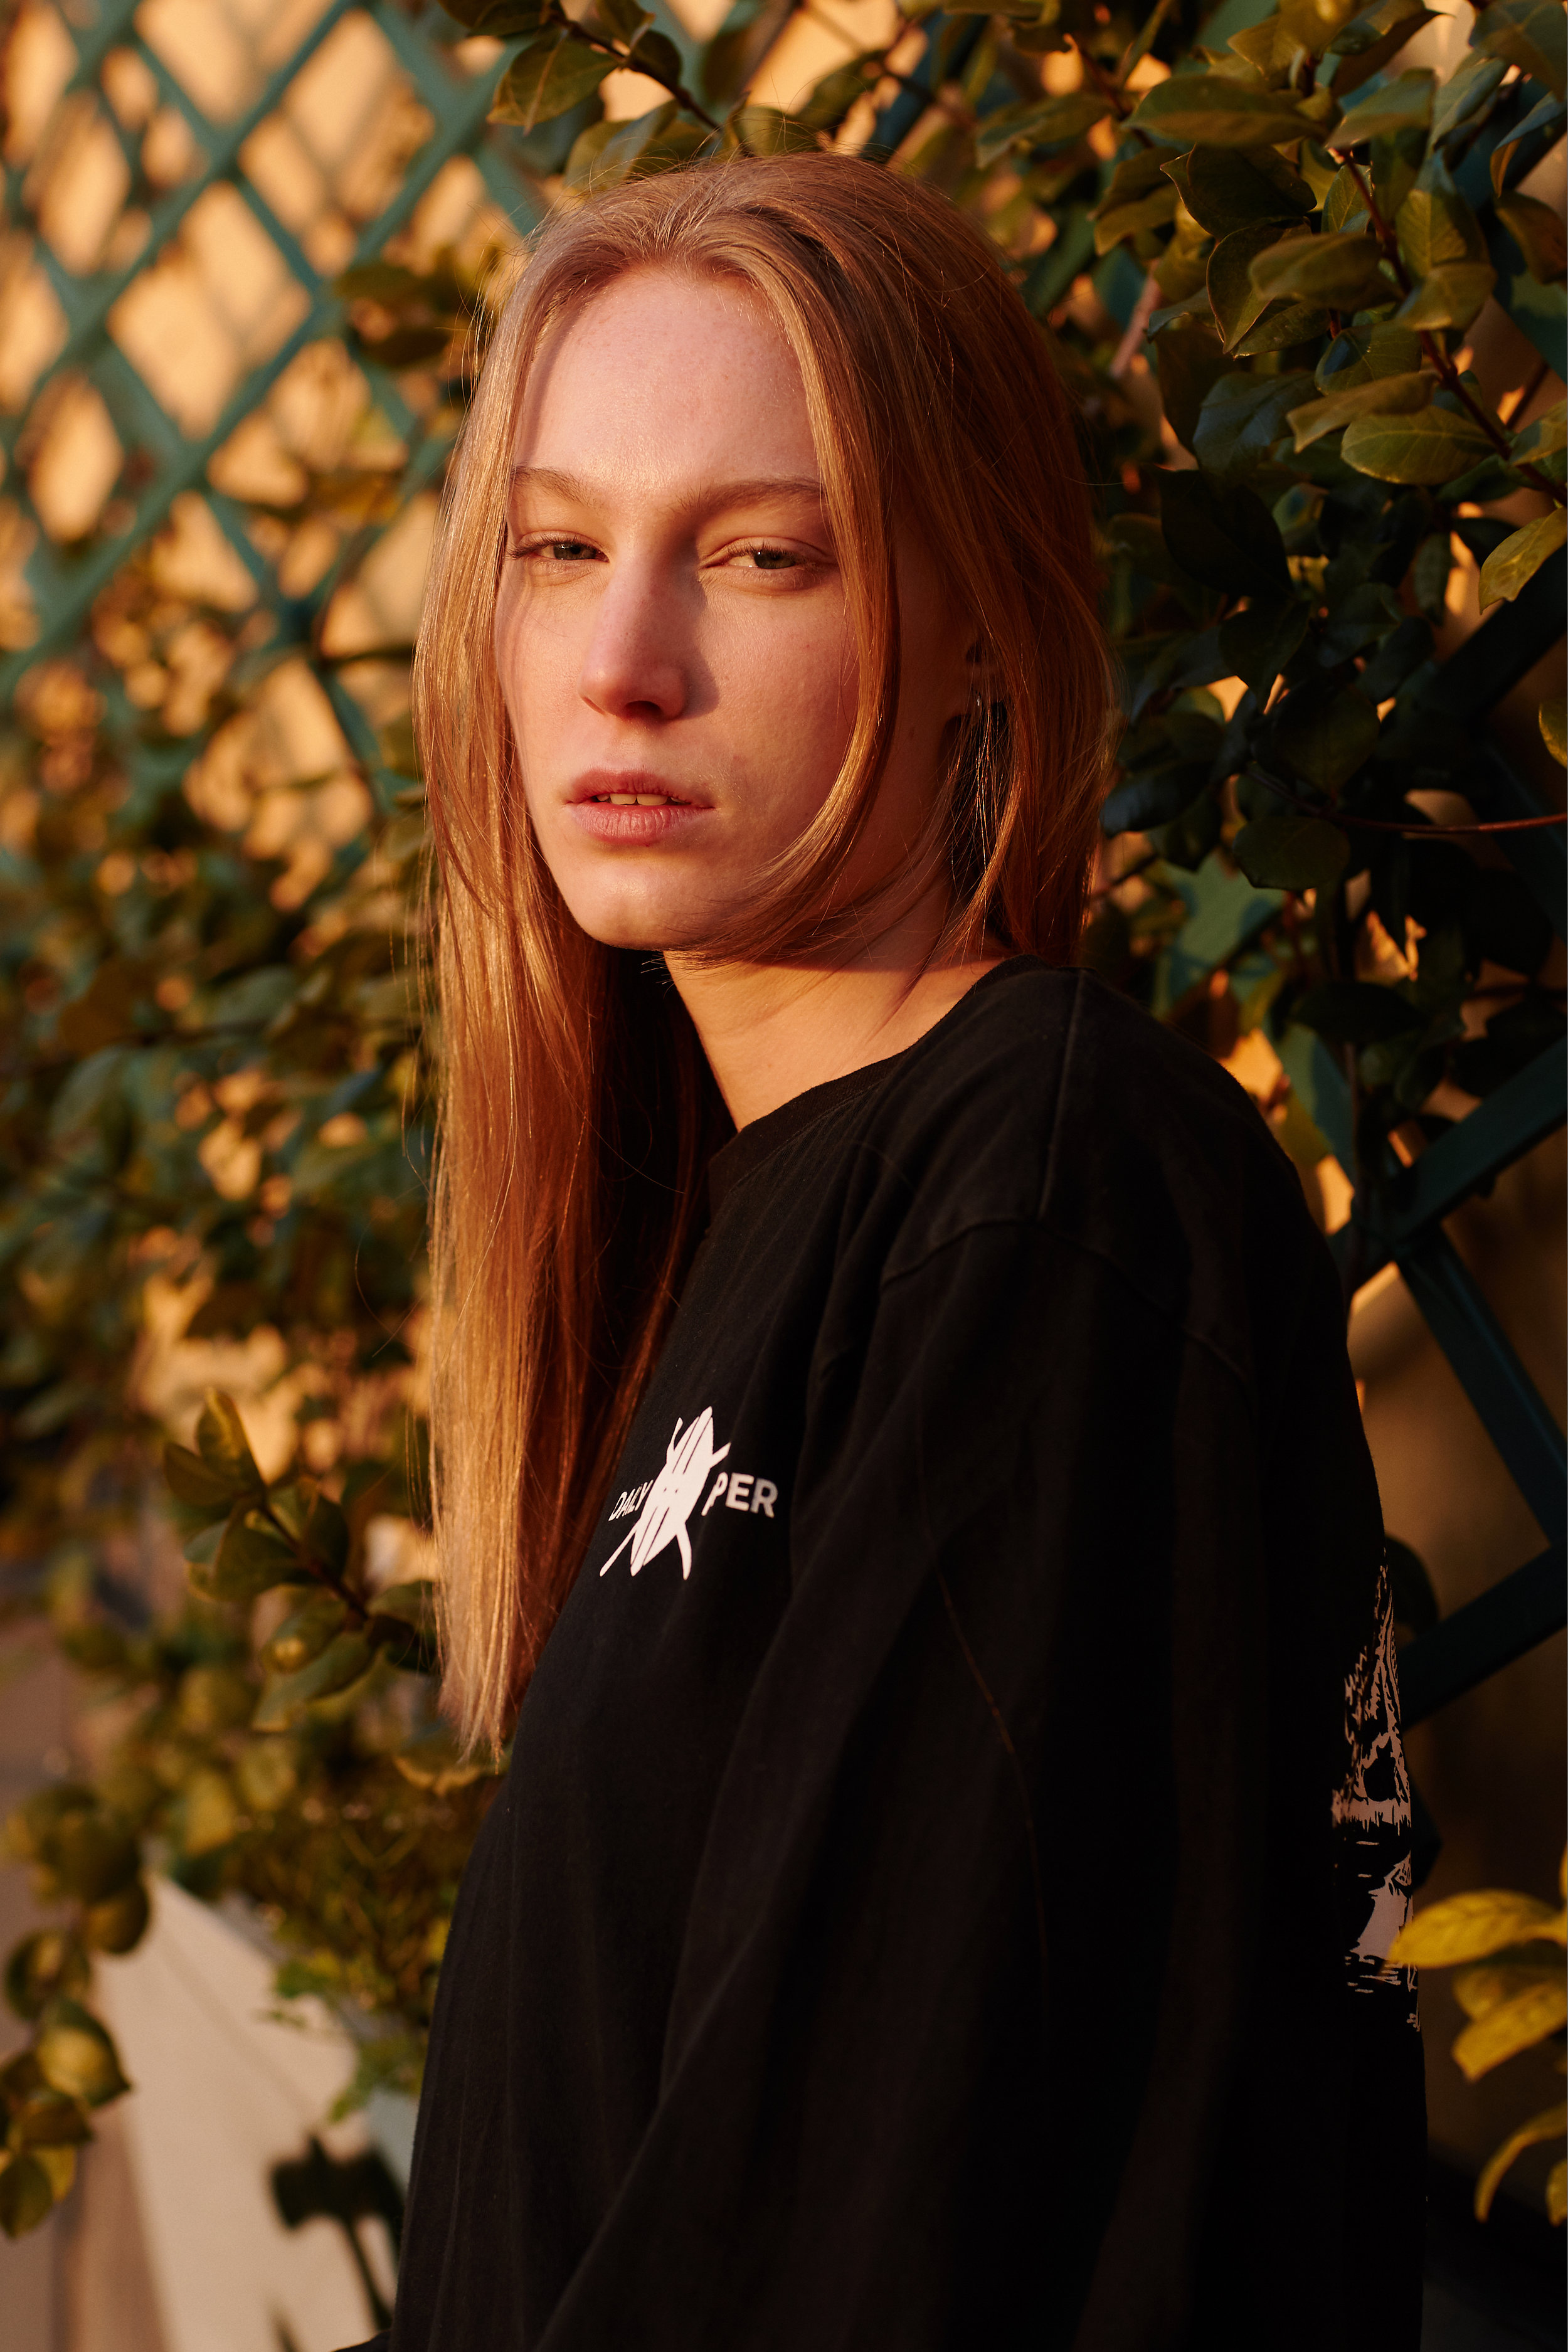 Zoe_Brave_Models_Christopher_Quyen 0.jpg